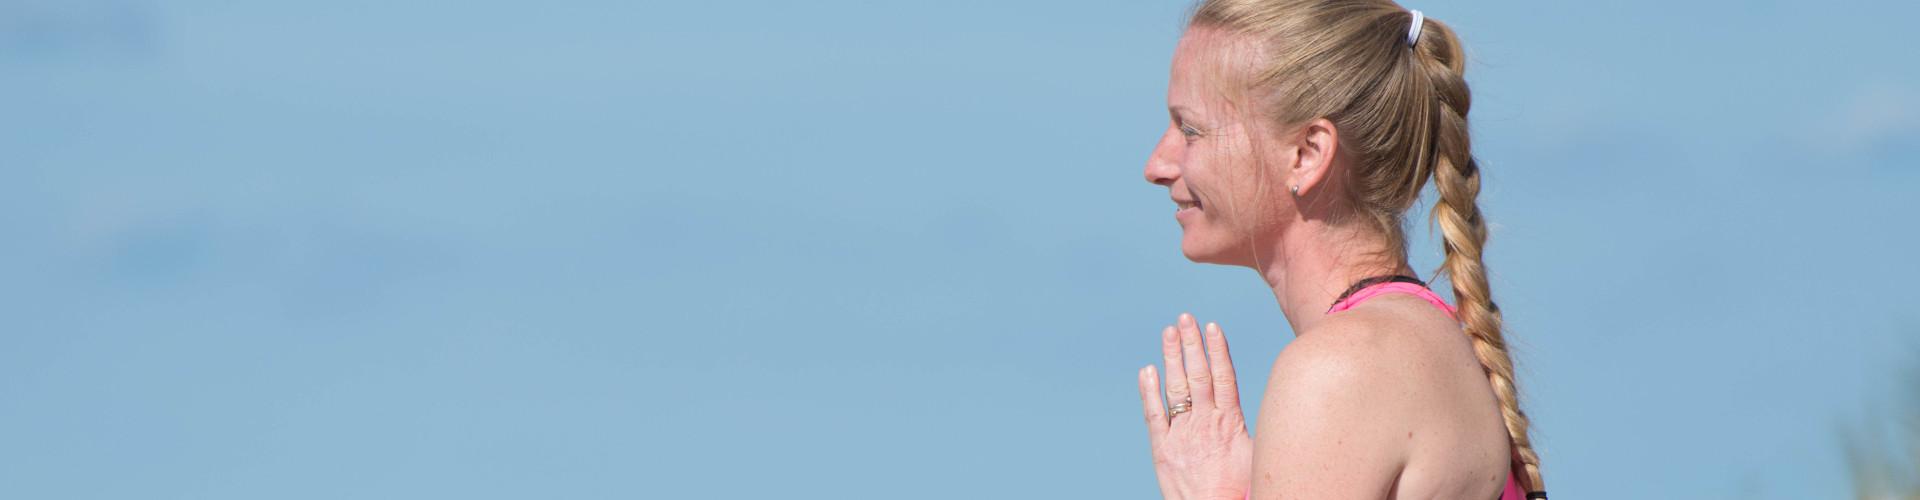 Marjolein Groen - namaste groet - onvoorwaardelijk jezelf zijn